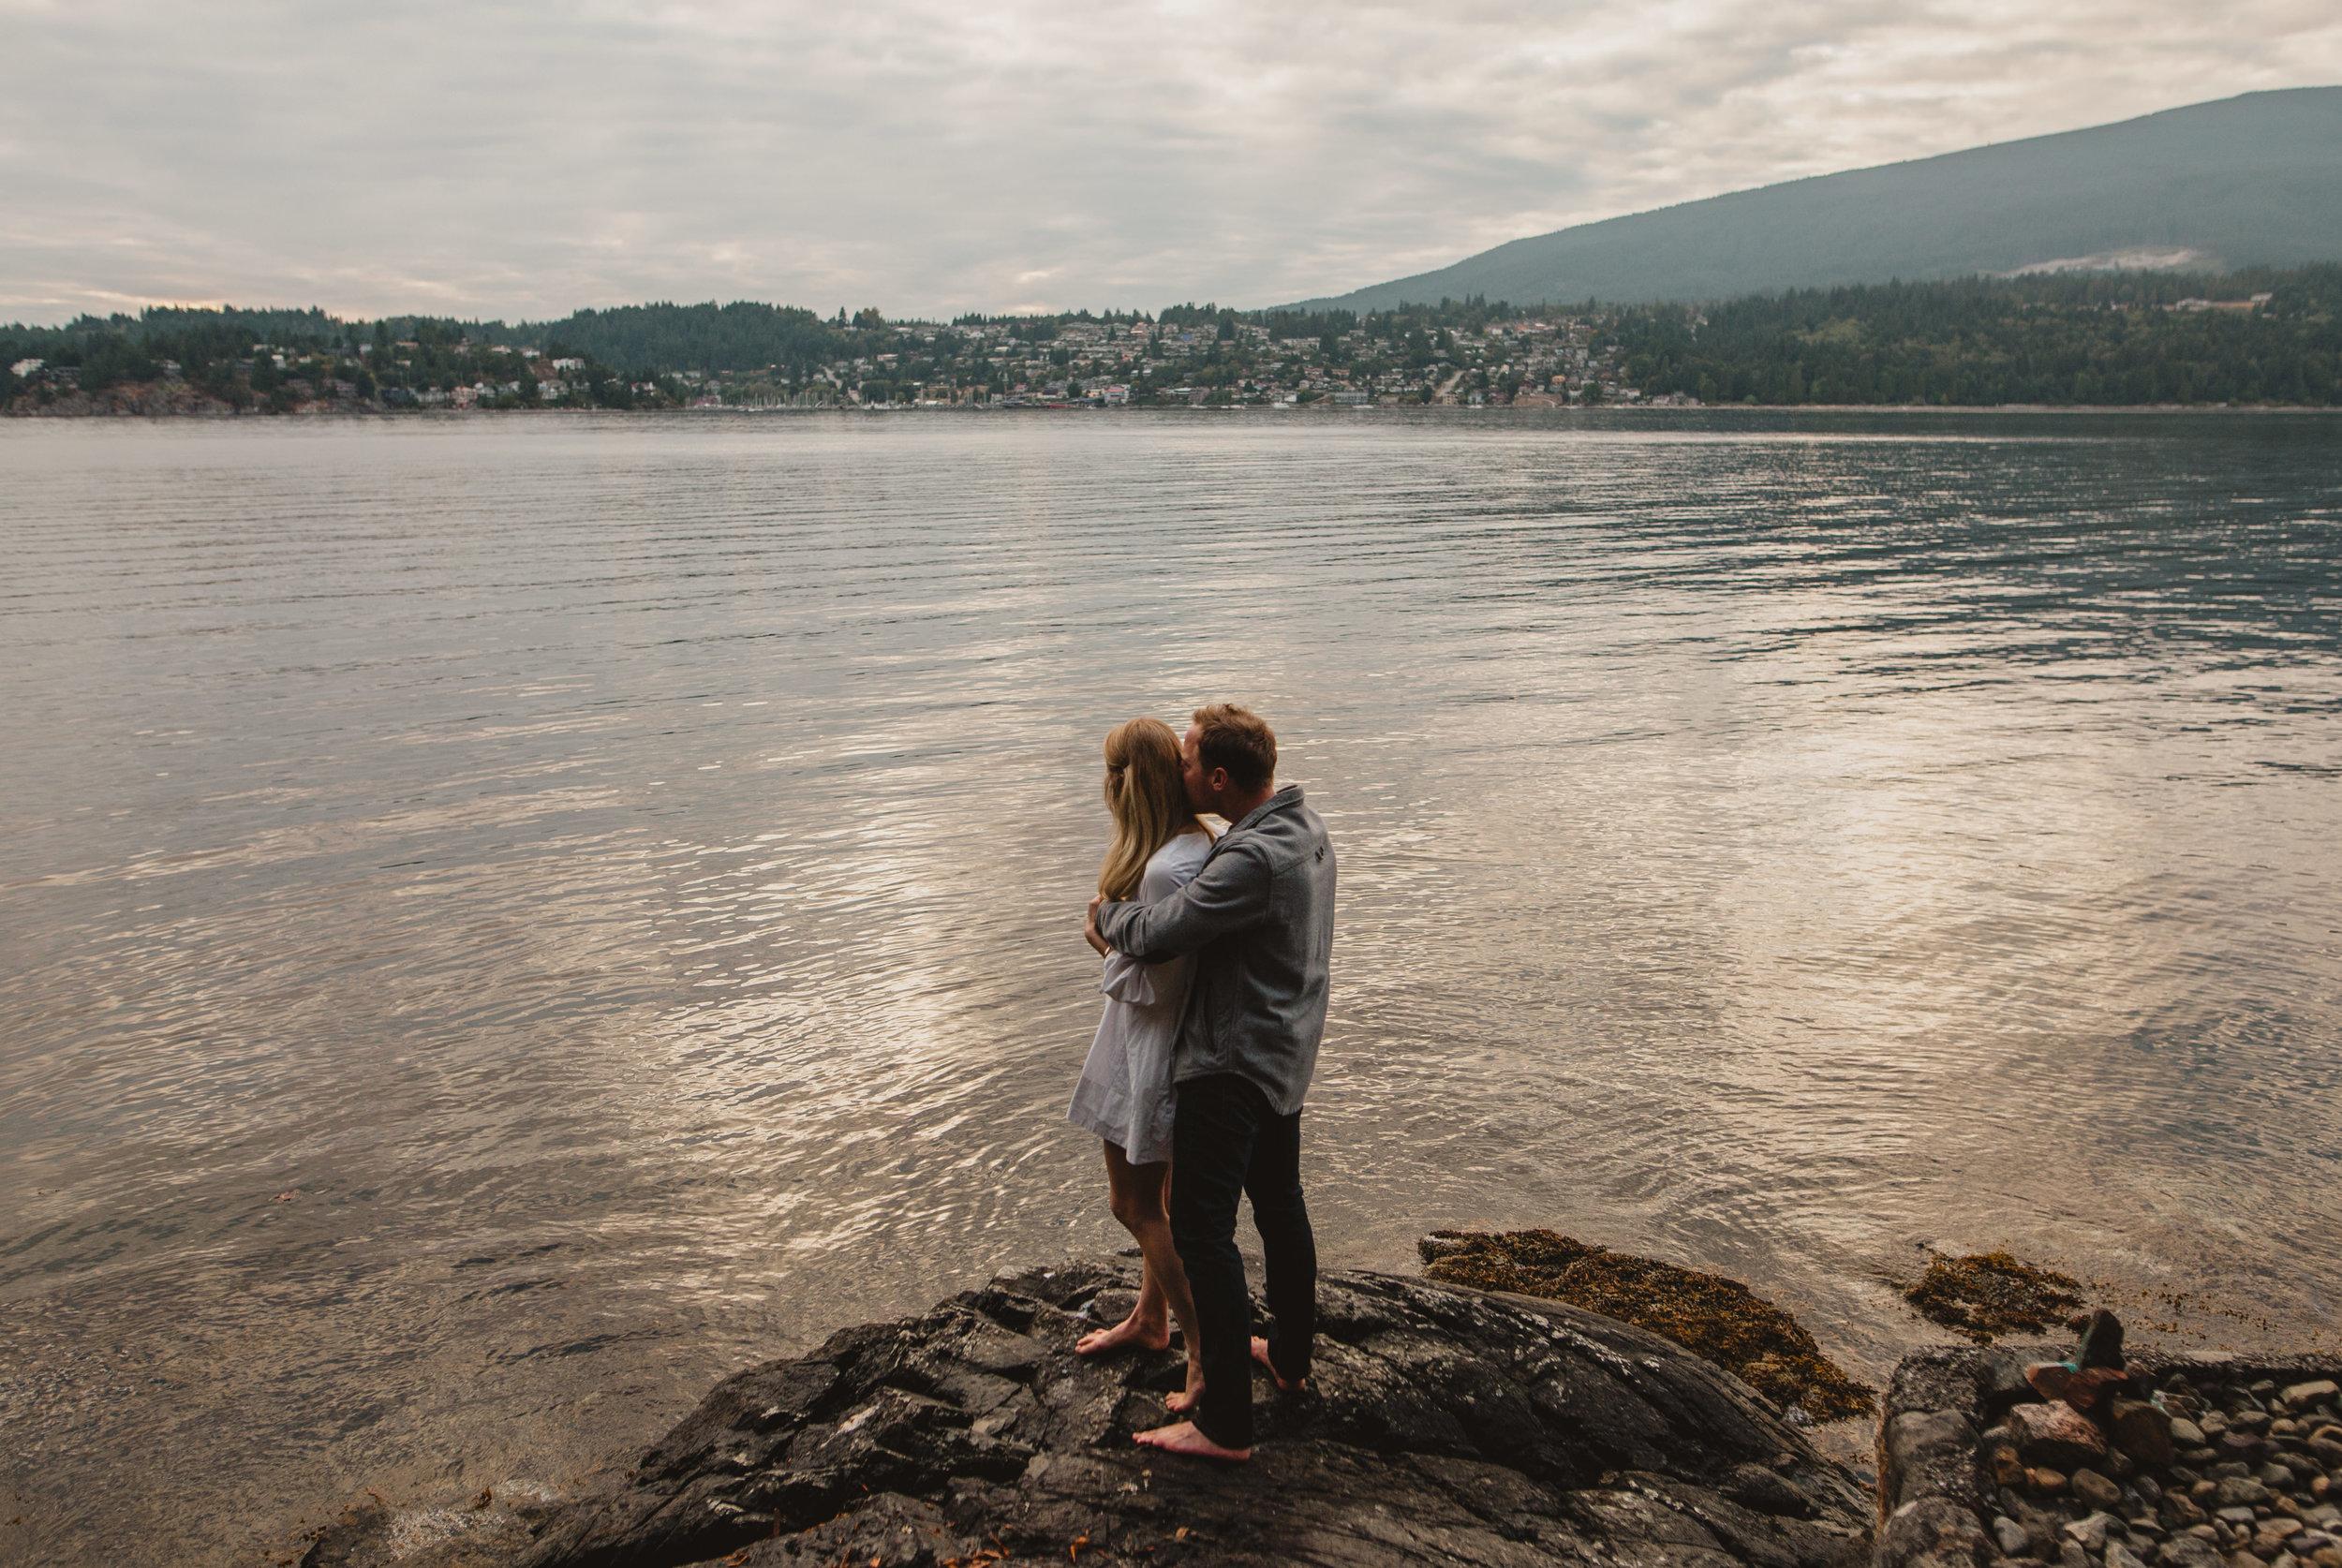 Keats Island Engagement Photos - Sunshine Coast Engagement Photos - Sunshine Coast Wedding Photographer - Vancovuer Wedding Photographer - Jennifer Picard Photography - IMG_3217.jpg